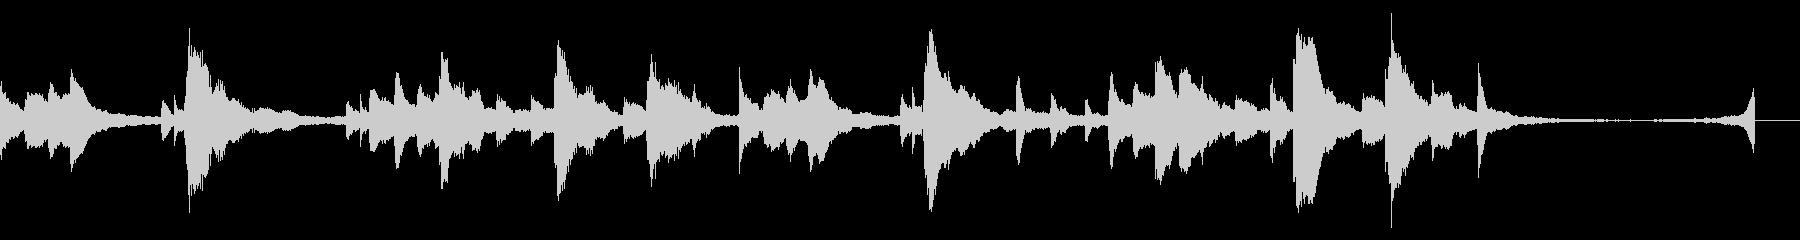 切なくて感動的なピアノソロジングルの未再生の波形